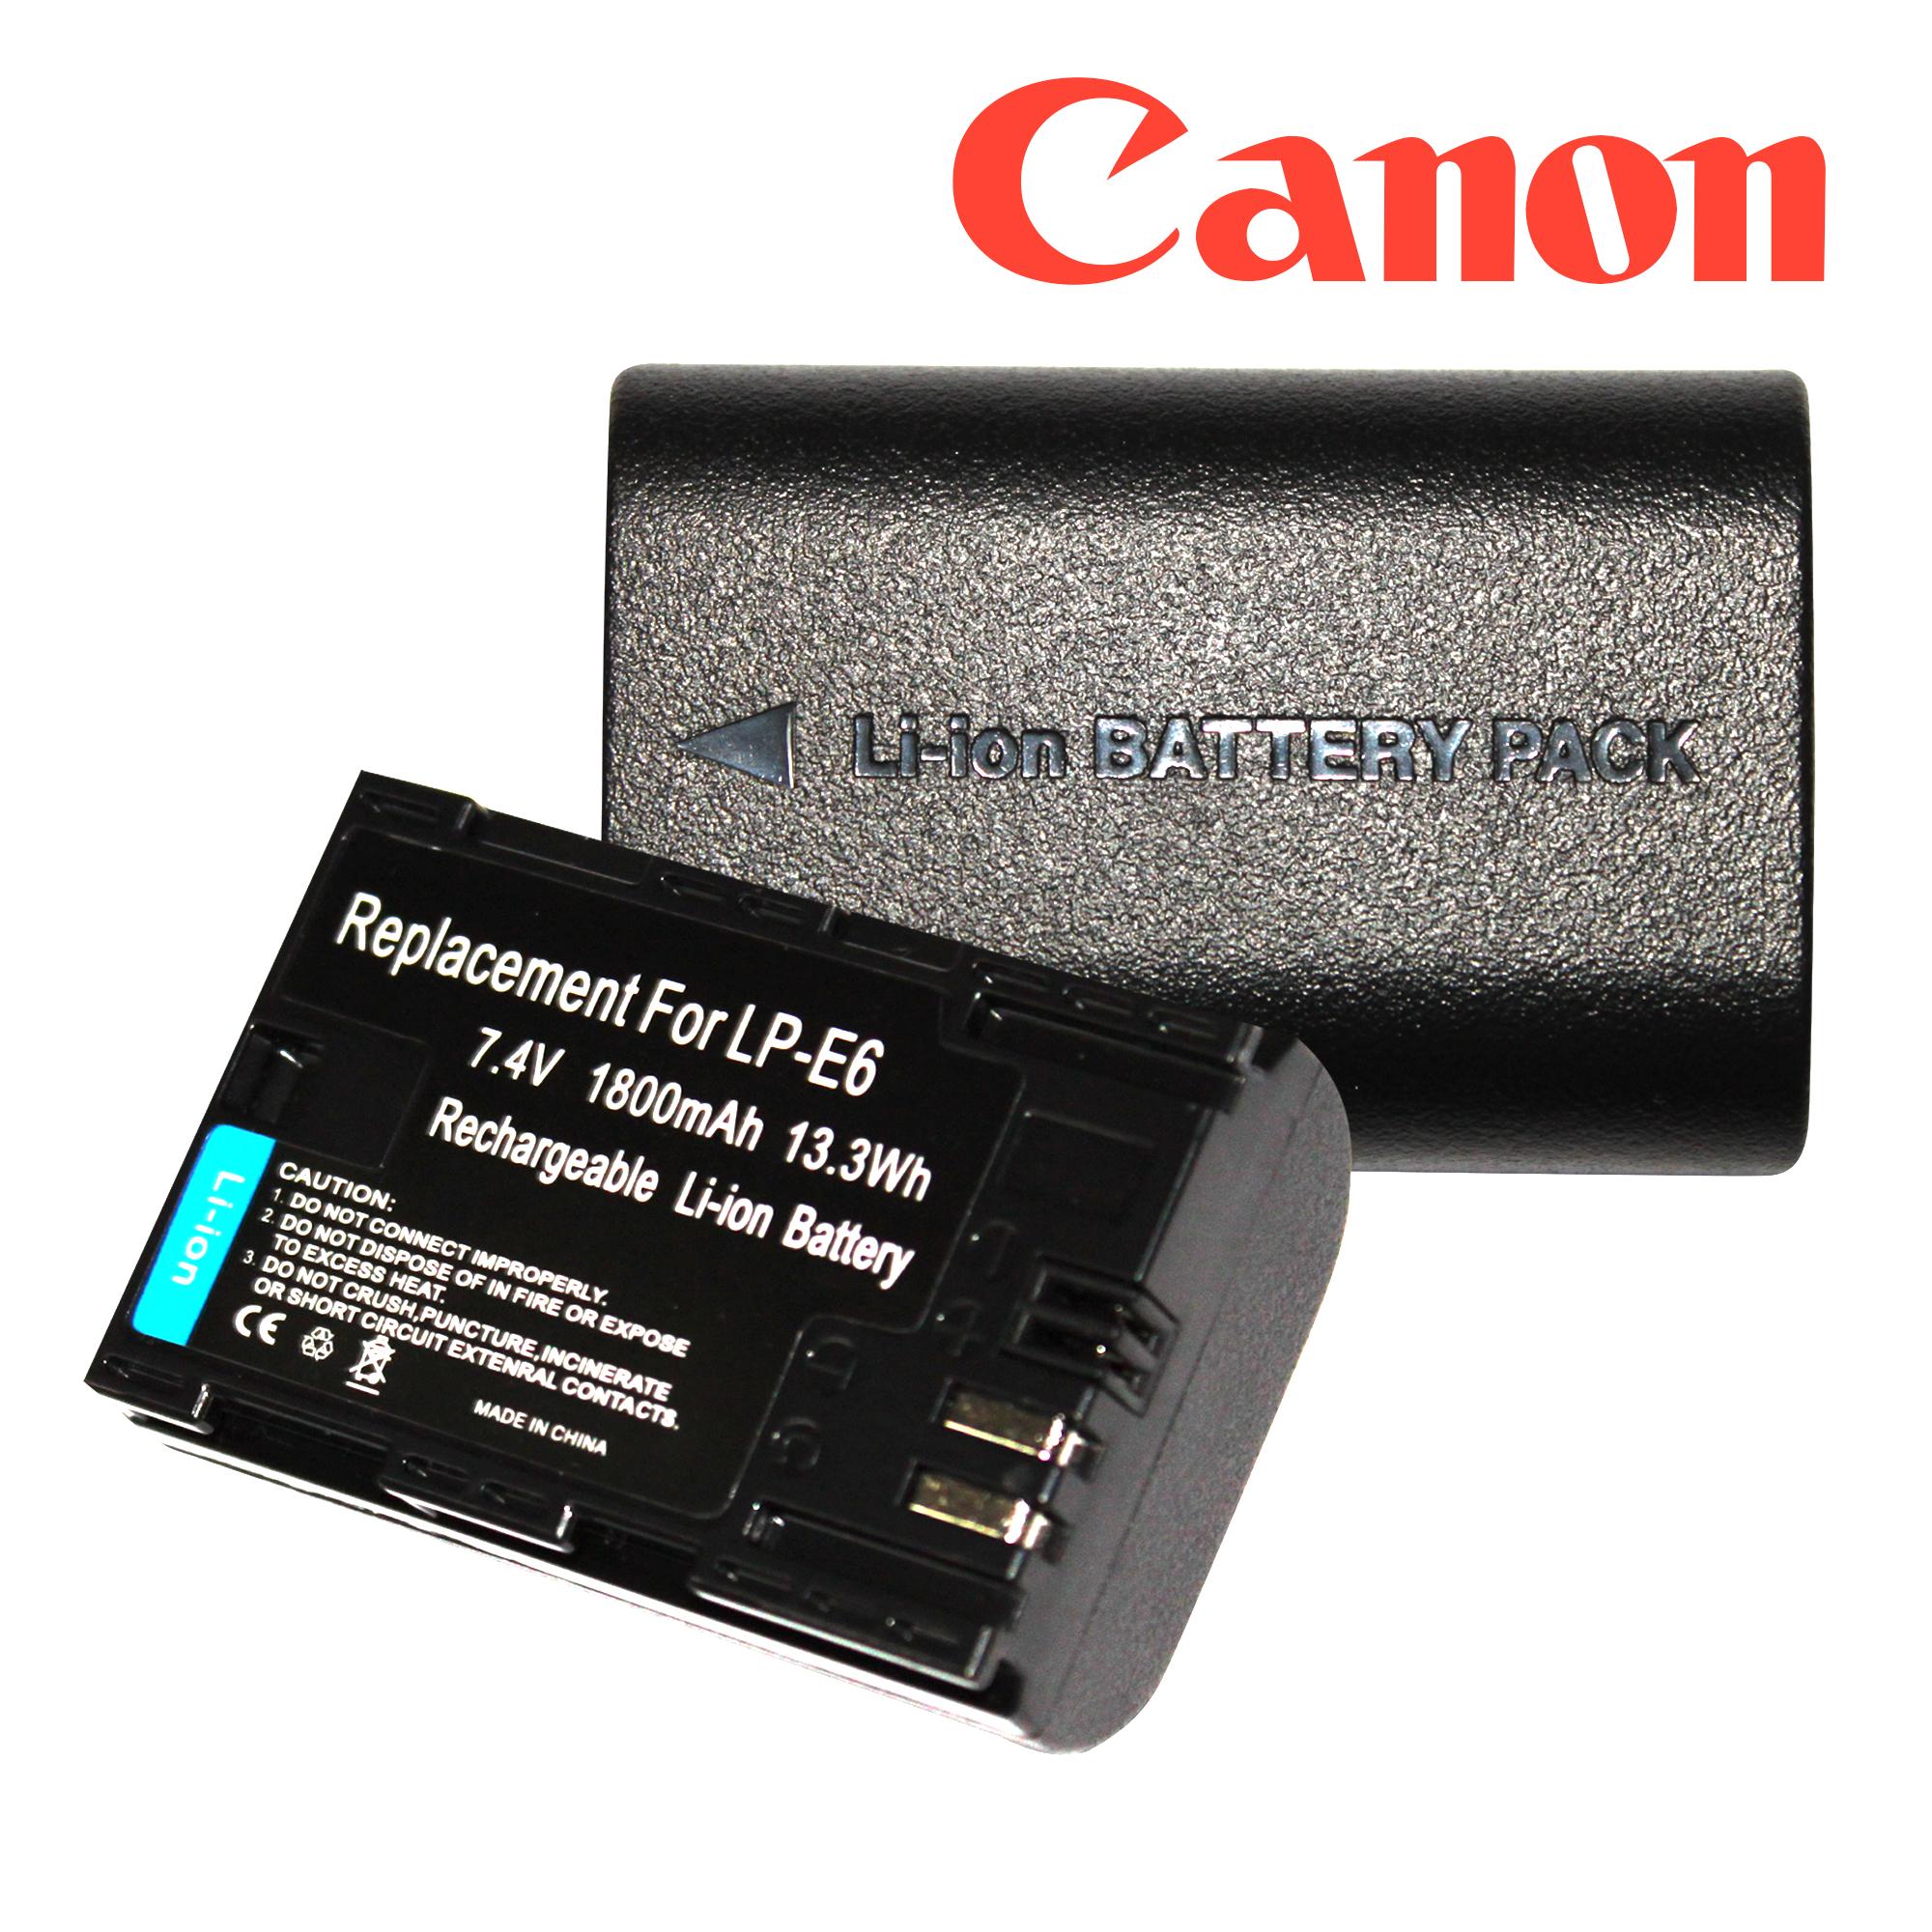 แบตเตอรี่กล้อง Canon LP E6 Li-ion Battery LP-E6 LPE6 1800mAh for Canon 6D 5D Mark III 5D Mark II 7D 60D Camera